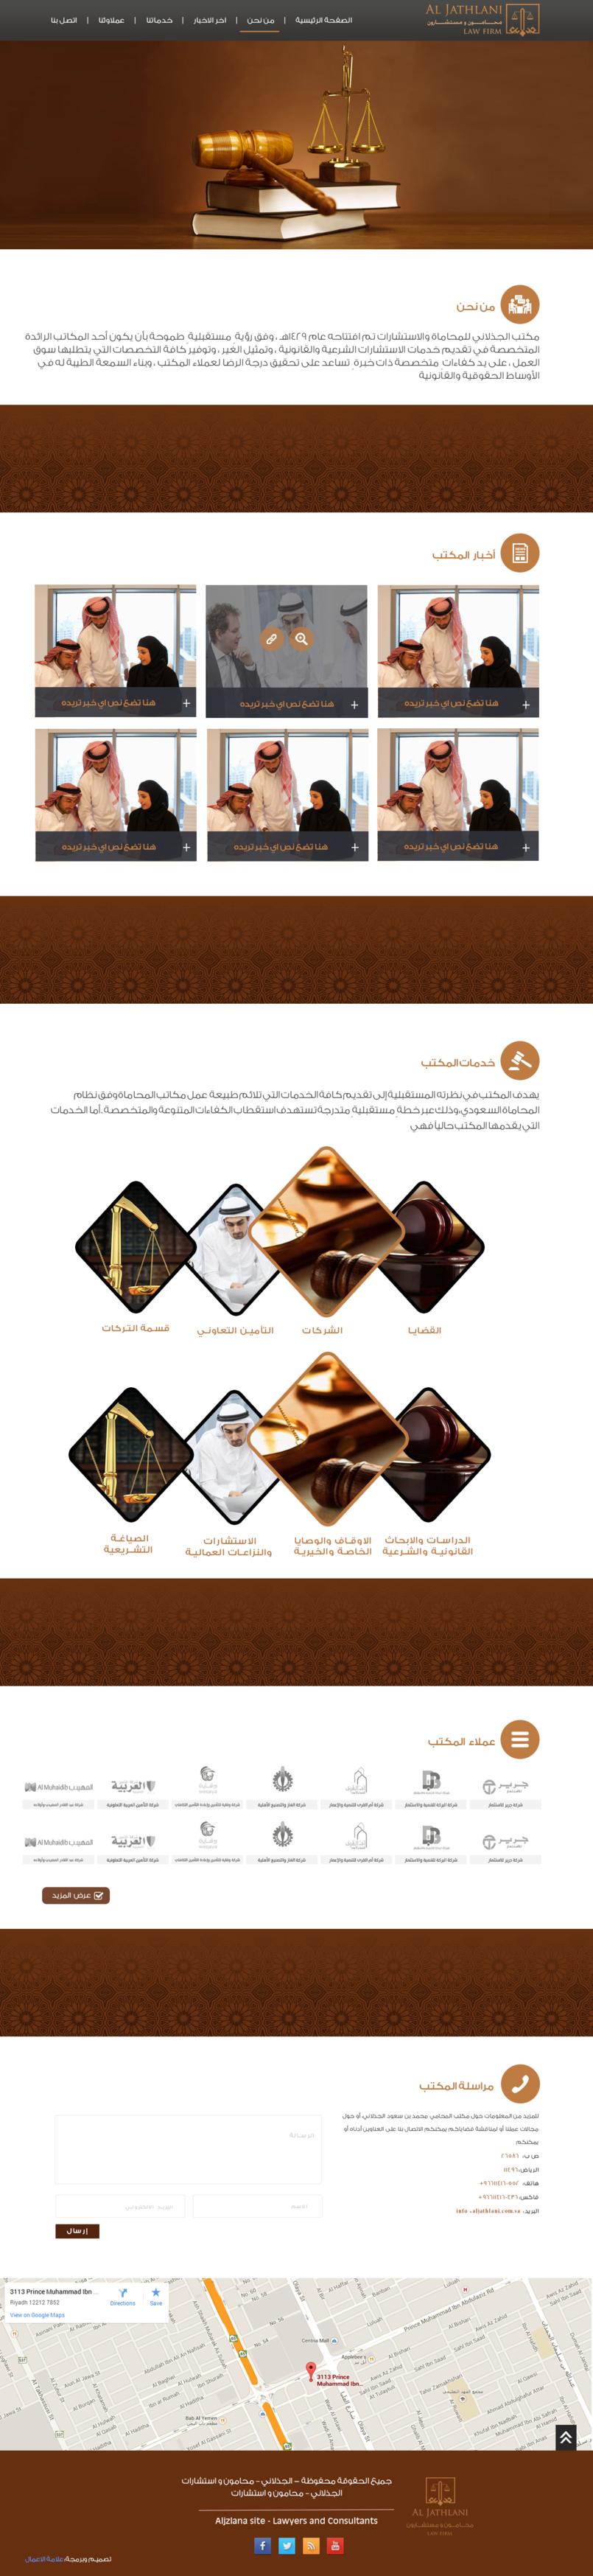 تصميم موقع الجذلاني للمحاماة - Aljzlana site design